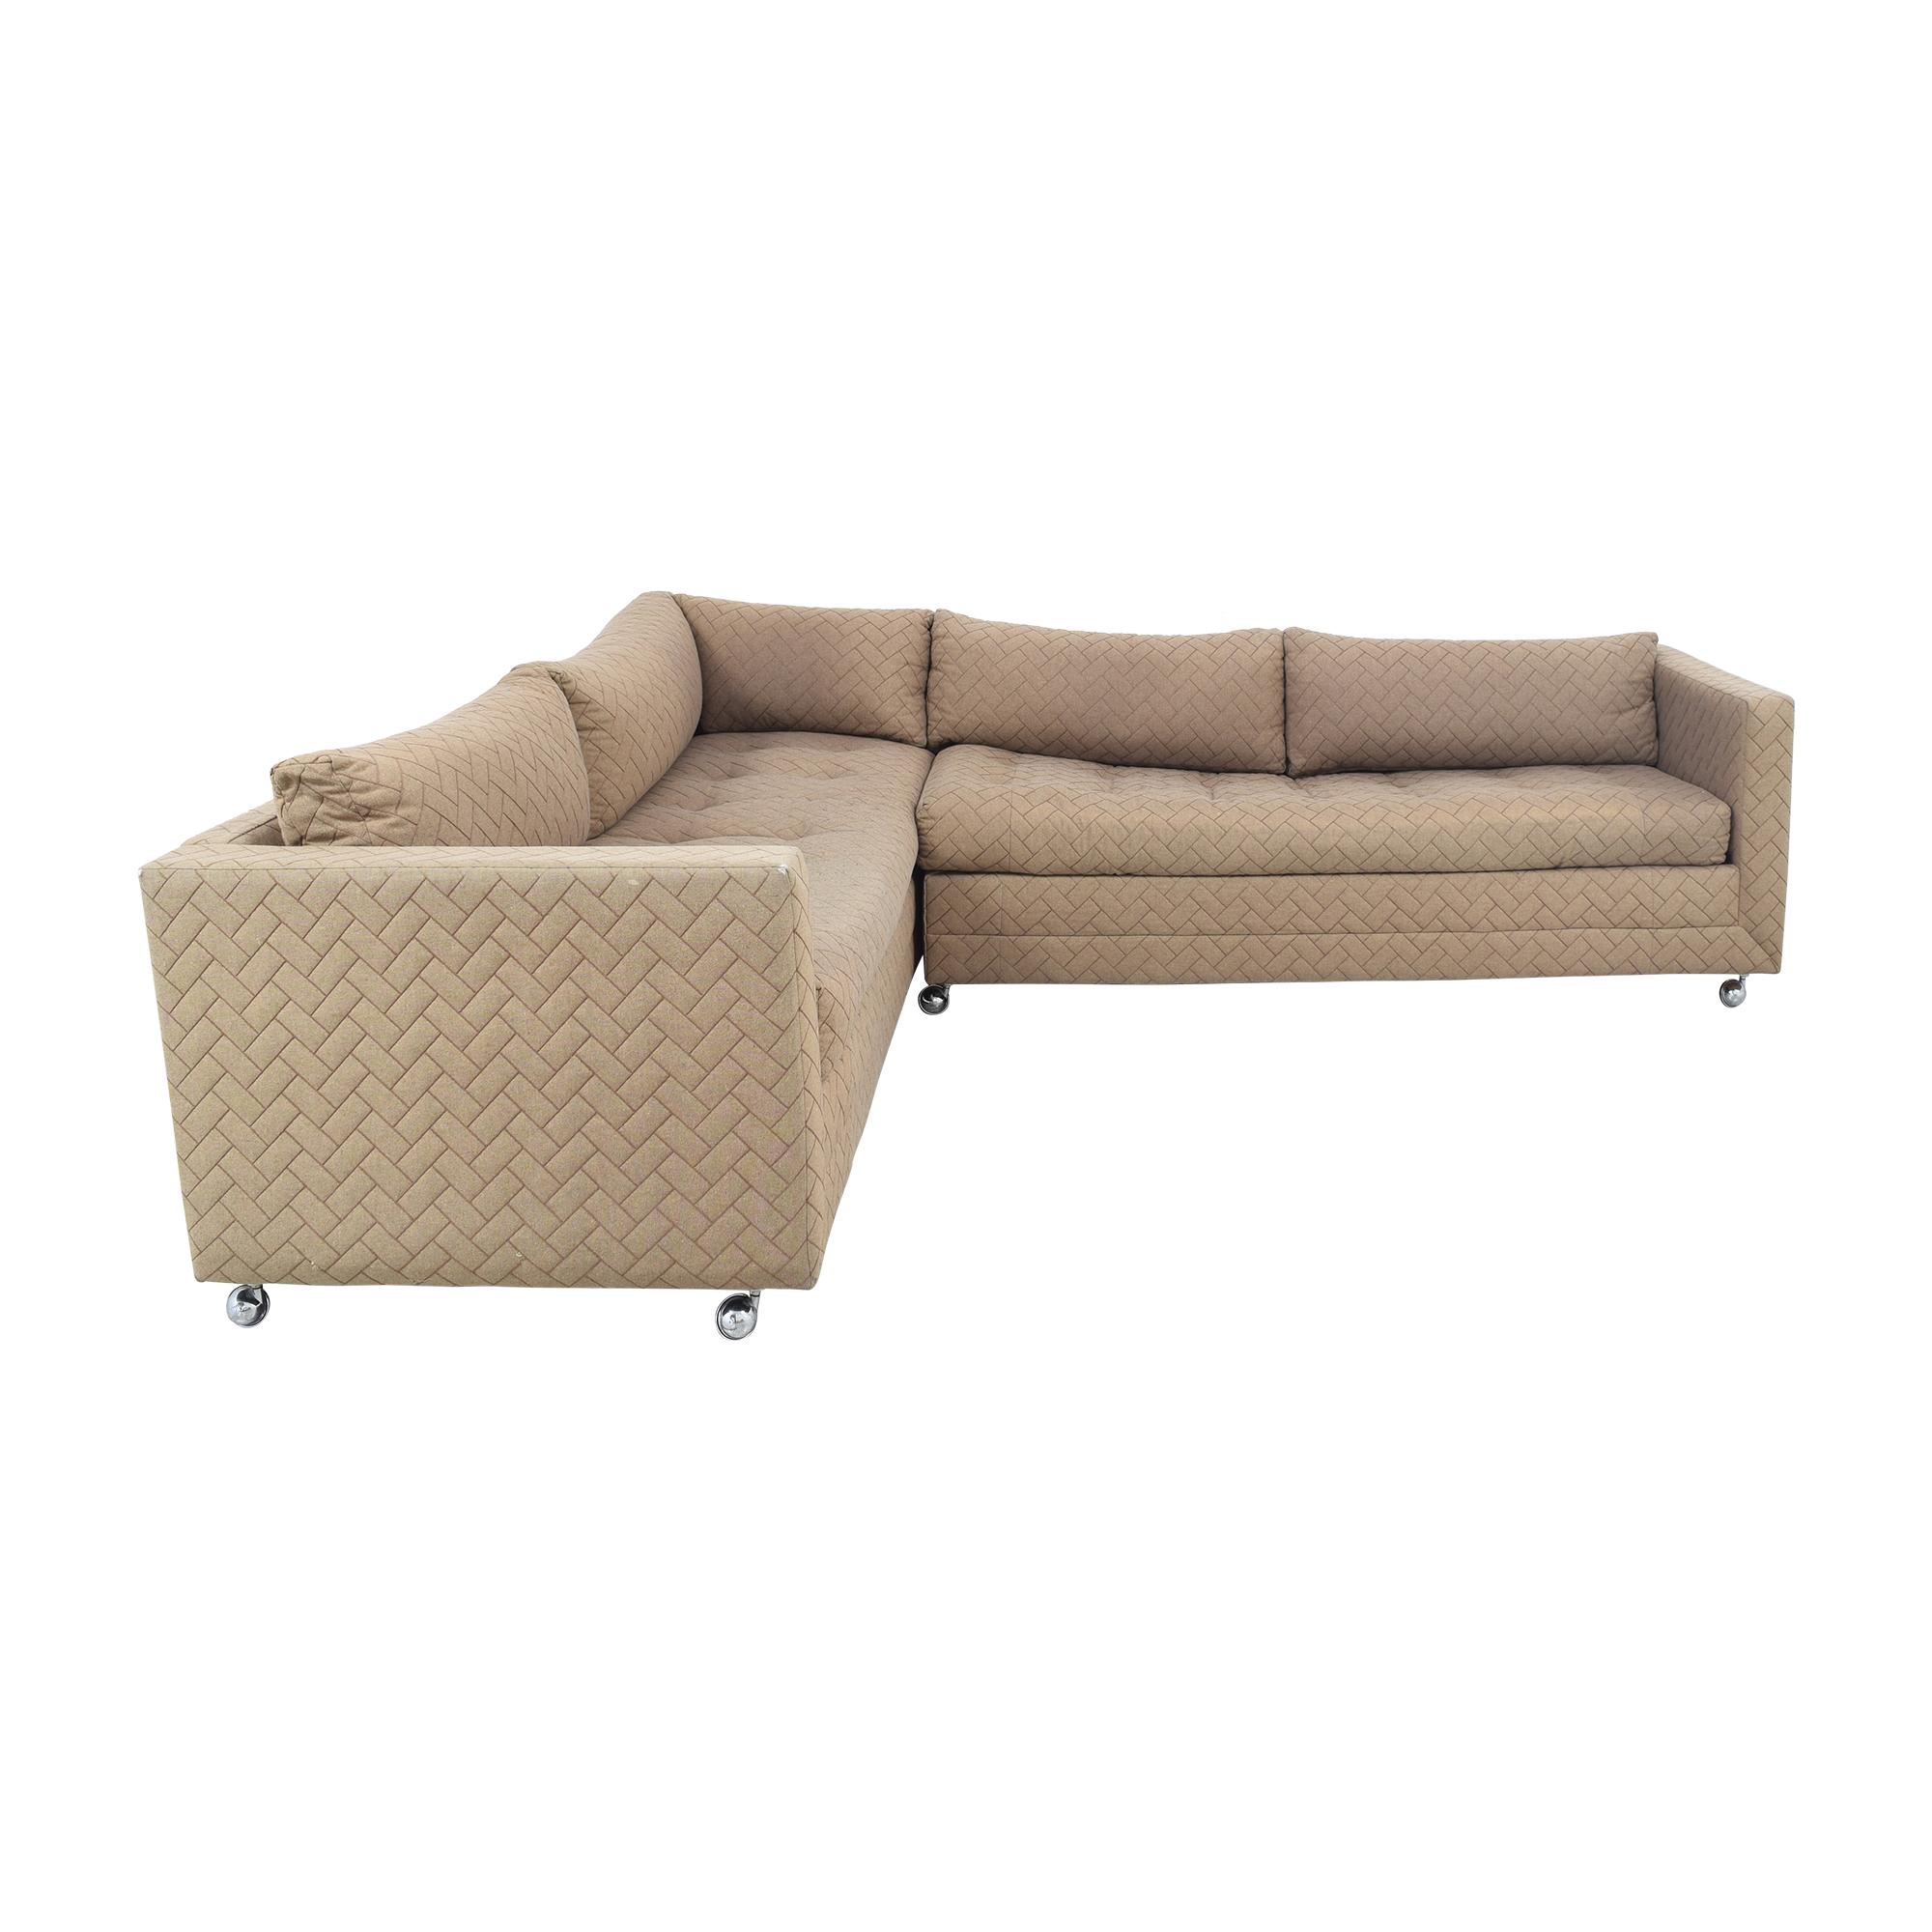 Avery Boardman Avery Boardman Corner Sectional Sleeper Sofa Sectionals